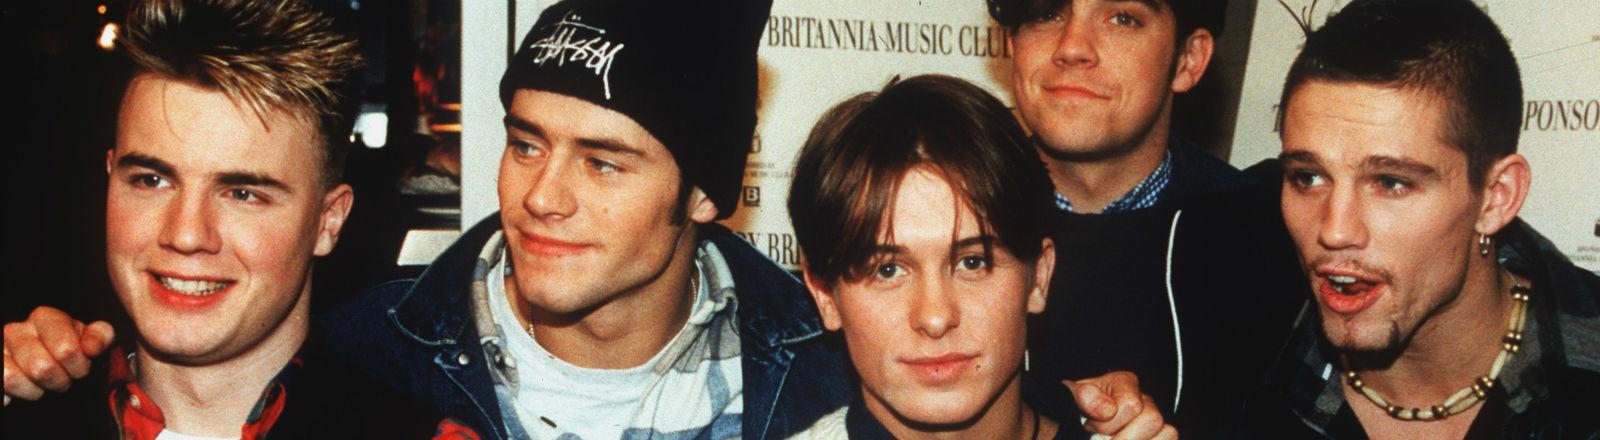 Fünf junge Männer - die Boyband Take That, Bild: dpa